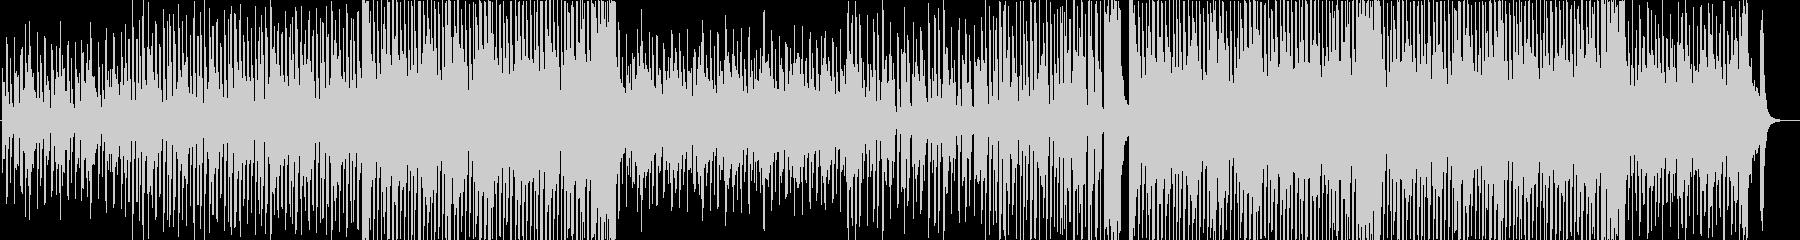 ピアノの陽気なポップス 劇伴向けの未再生の波形